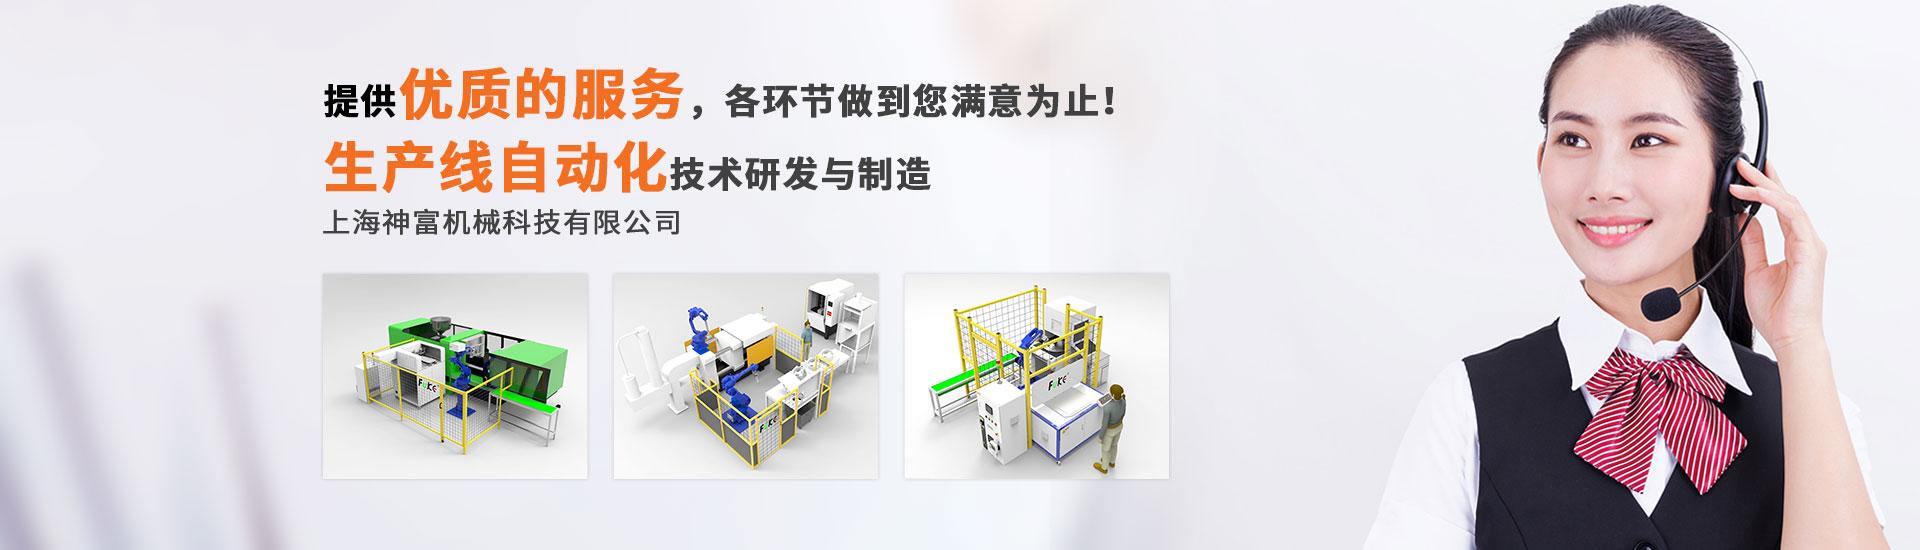 上海神富机械科技有限公司